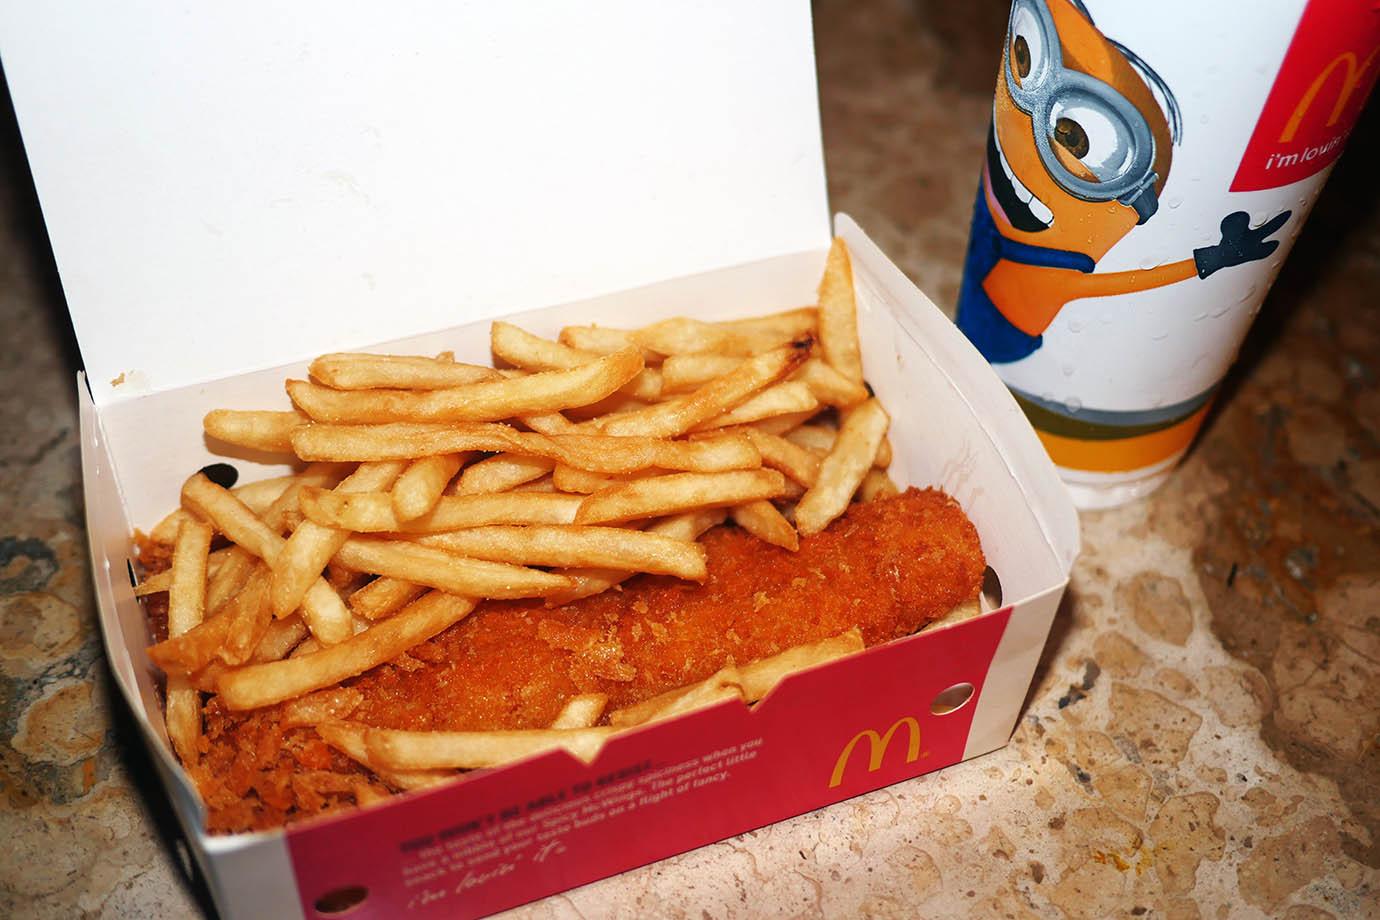 【衝撃】マクドナルドがイギリス伝統料理・フィッシュ&チップス販売開始wwwwwwwwwwwwwのサムネイル画像